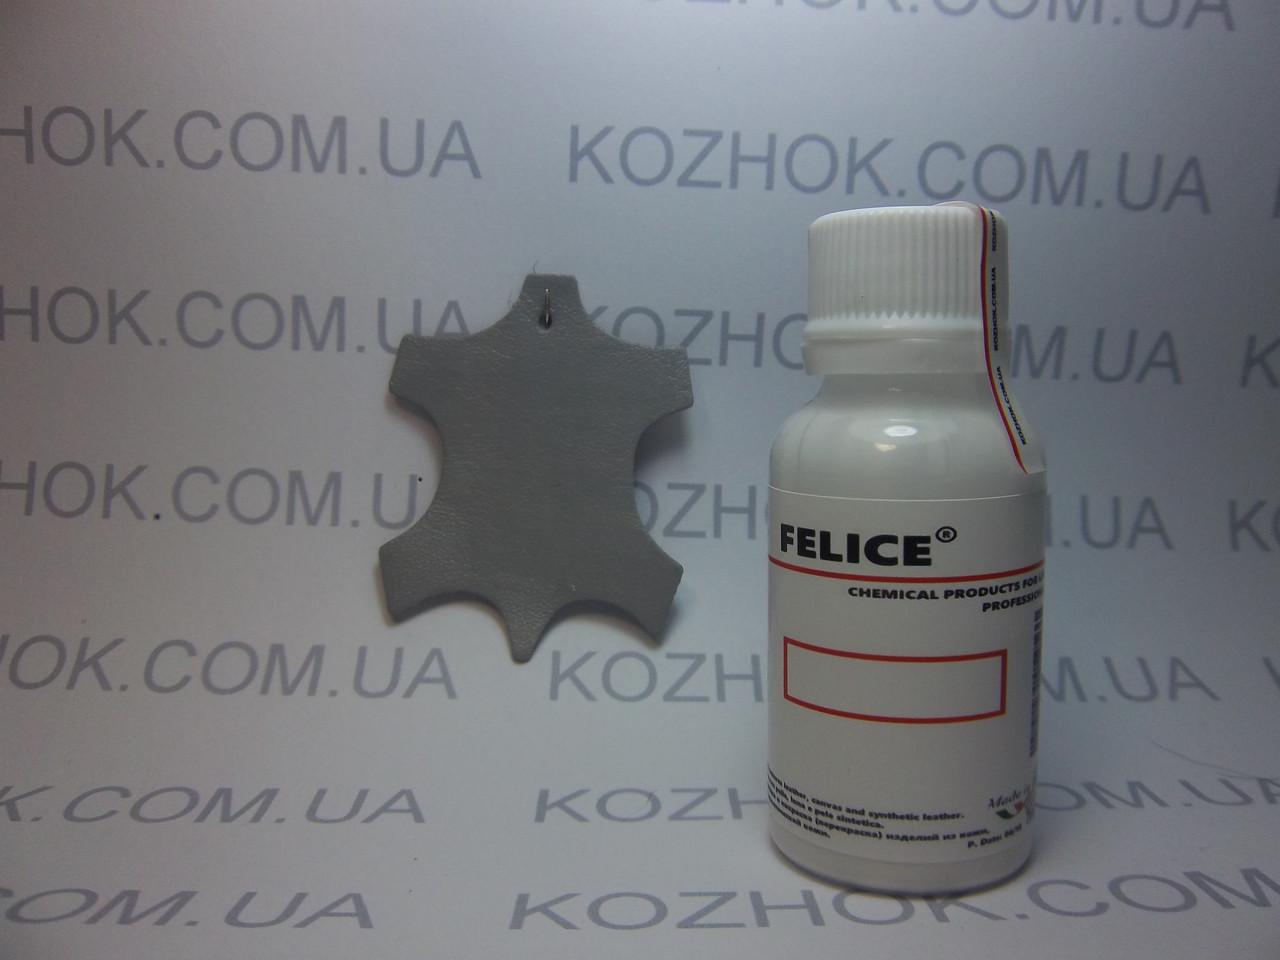 Краска для кожи Felice цв.Светло-Серый (25 мл)Для обуви,гладкой кожи, кожгалантереи, кожаной мебели, кожаного